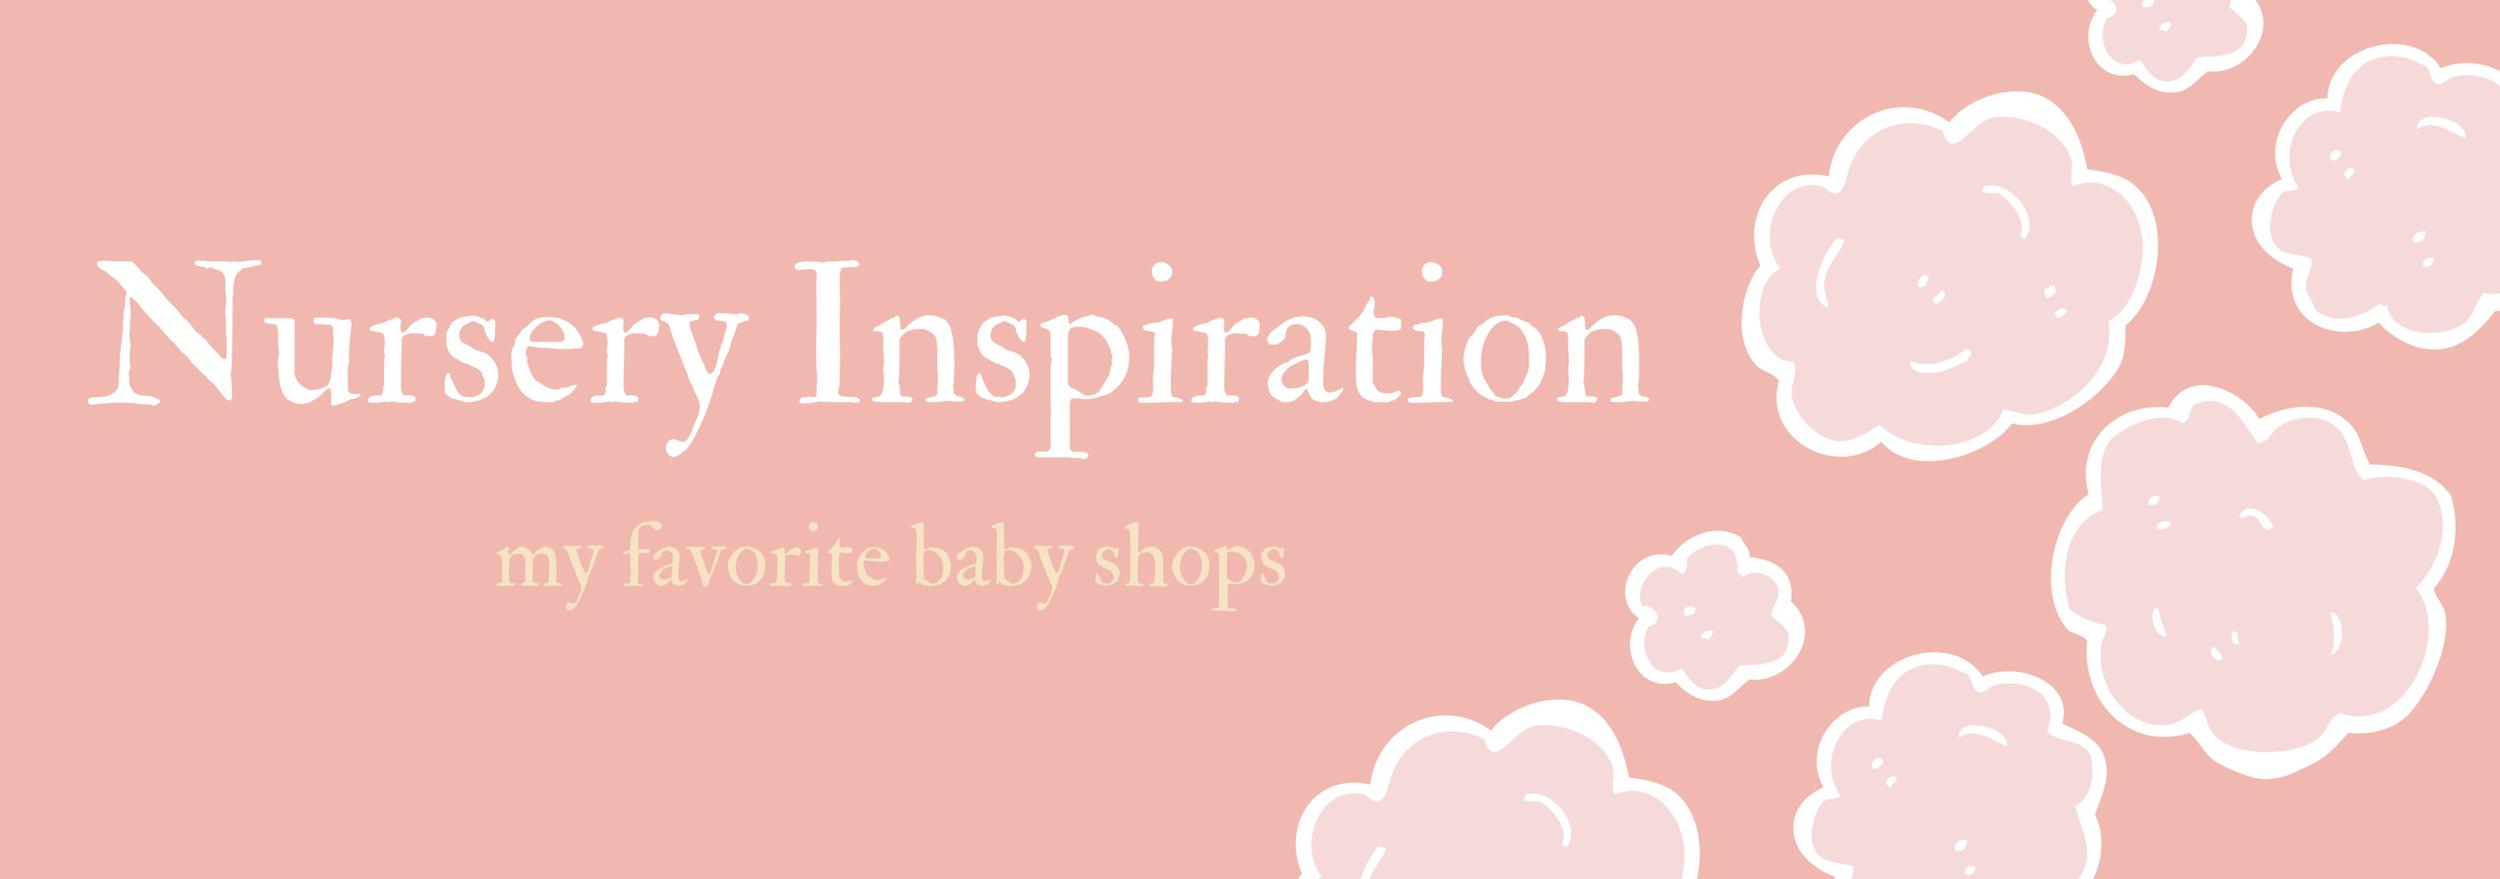 Favorite Nursery Shops